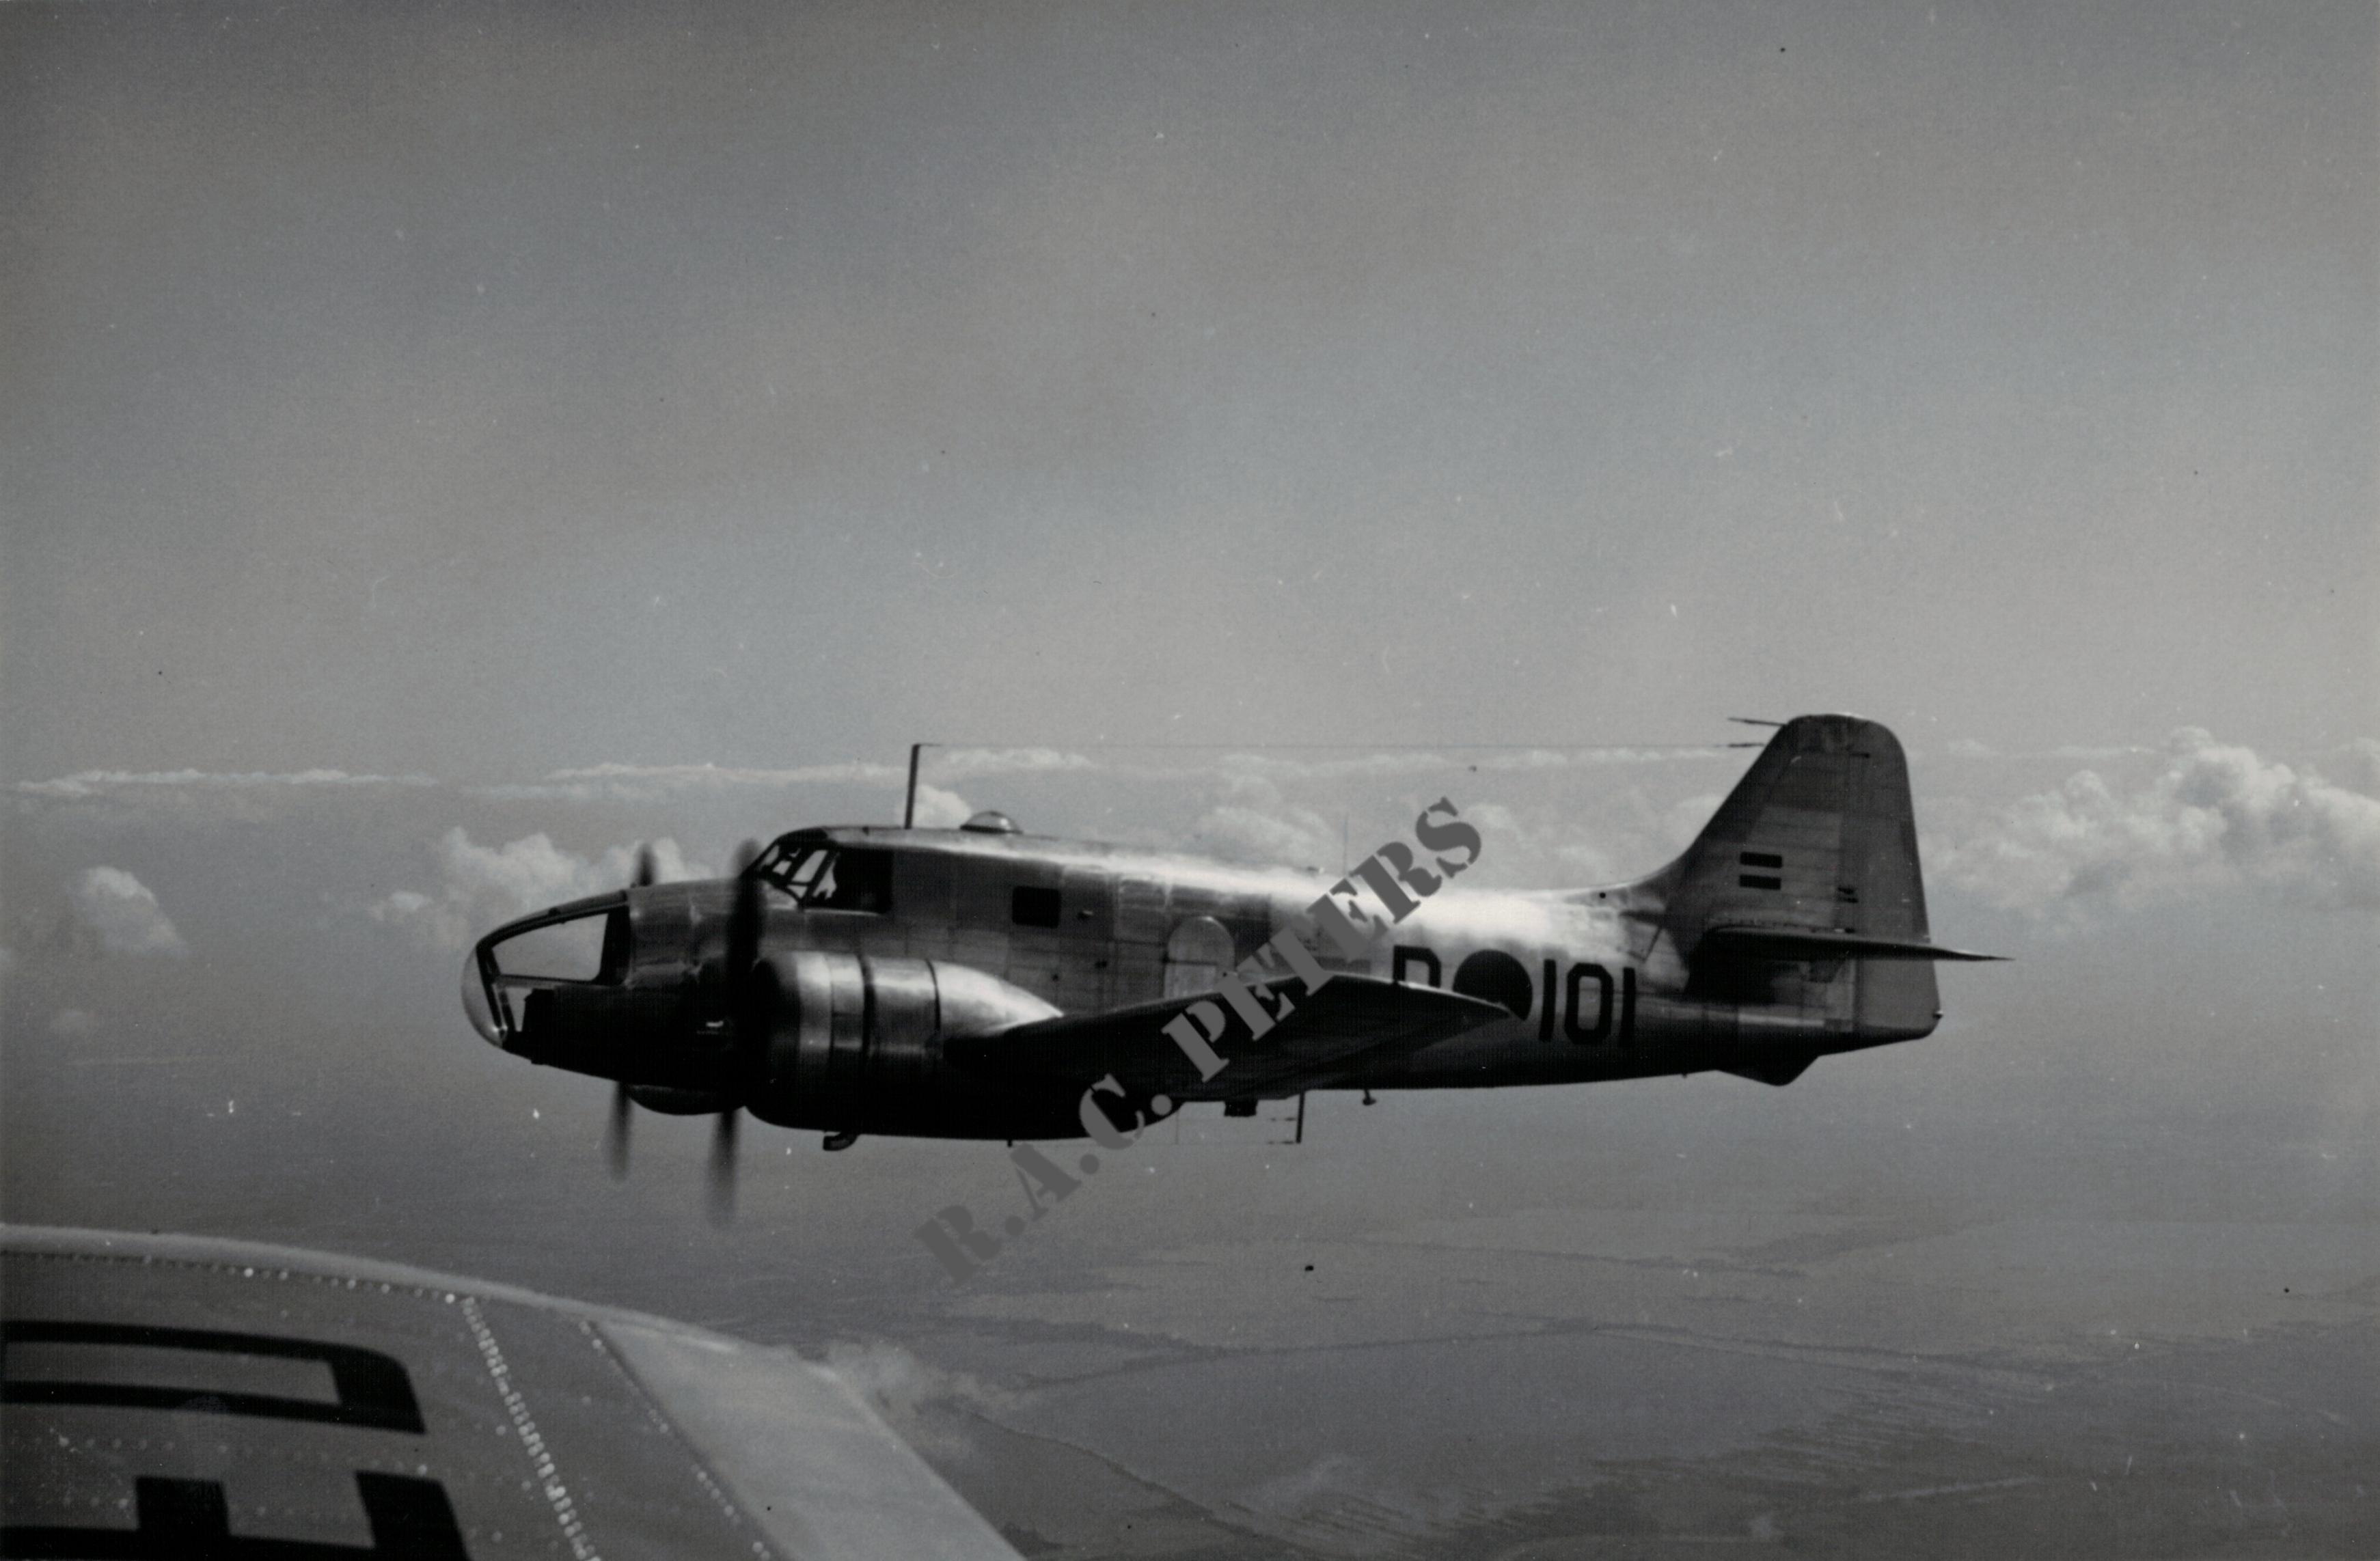 Naam: Fokker S.14-watermark-002.jpg Bekeken: 373 Grootte: 485,4 KB